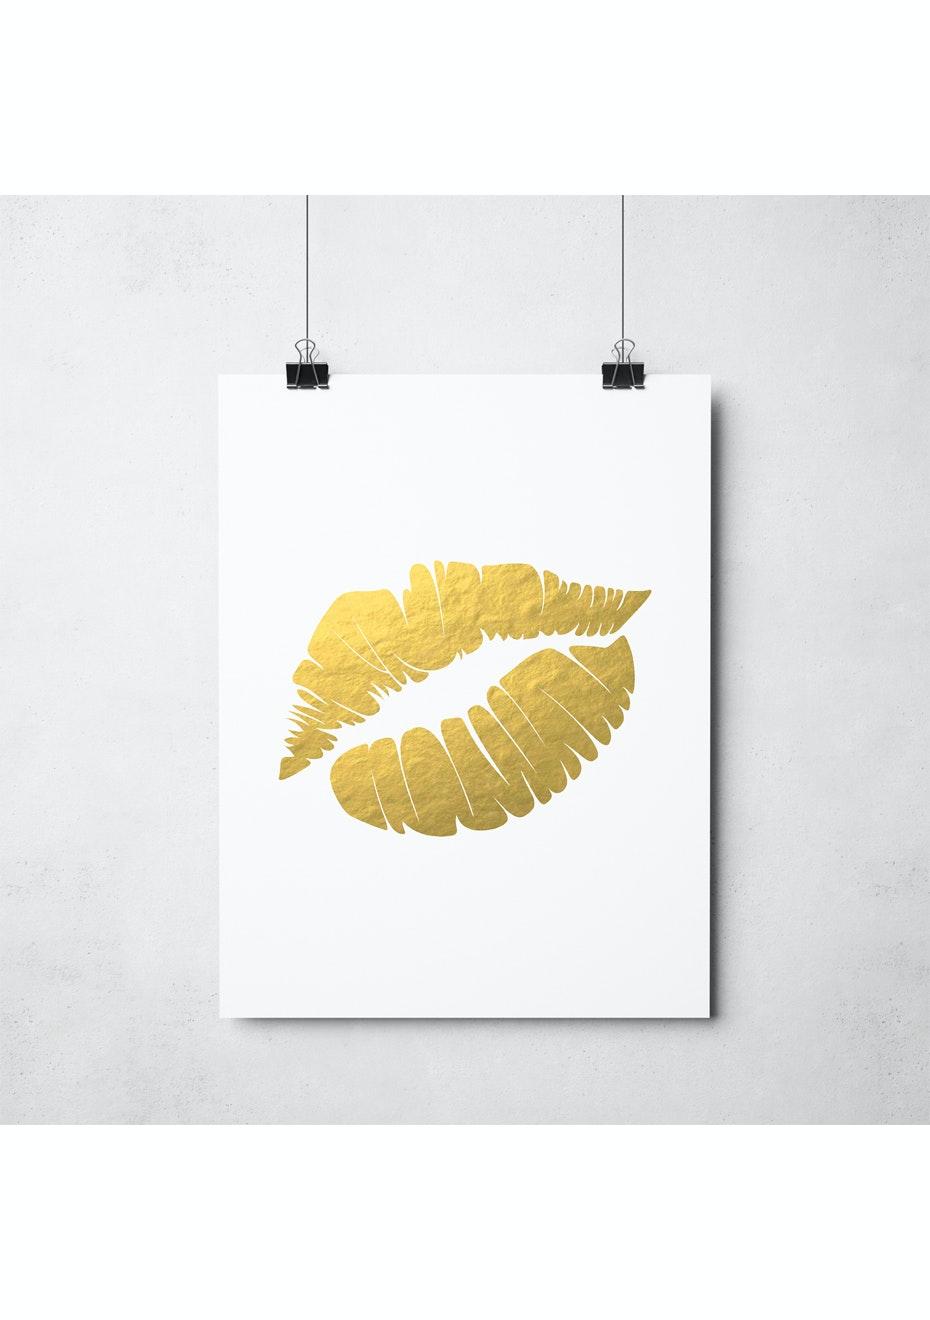 Simply Creative - Mwah - A3 Gold Foil Print